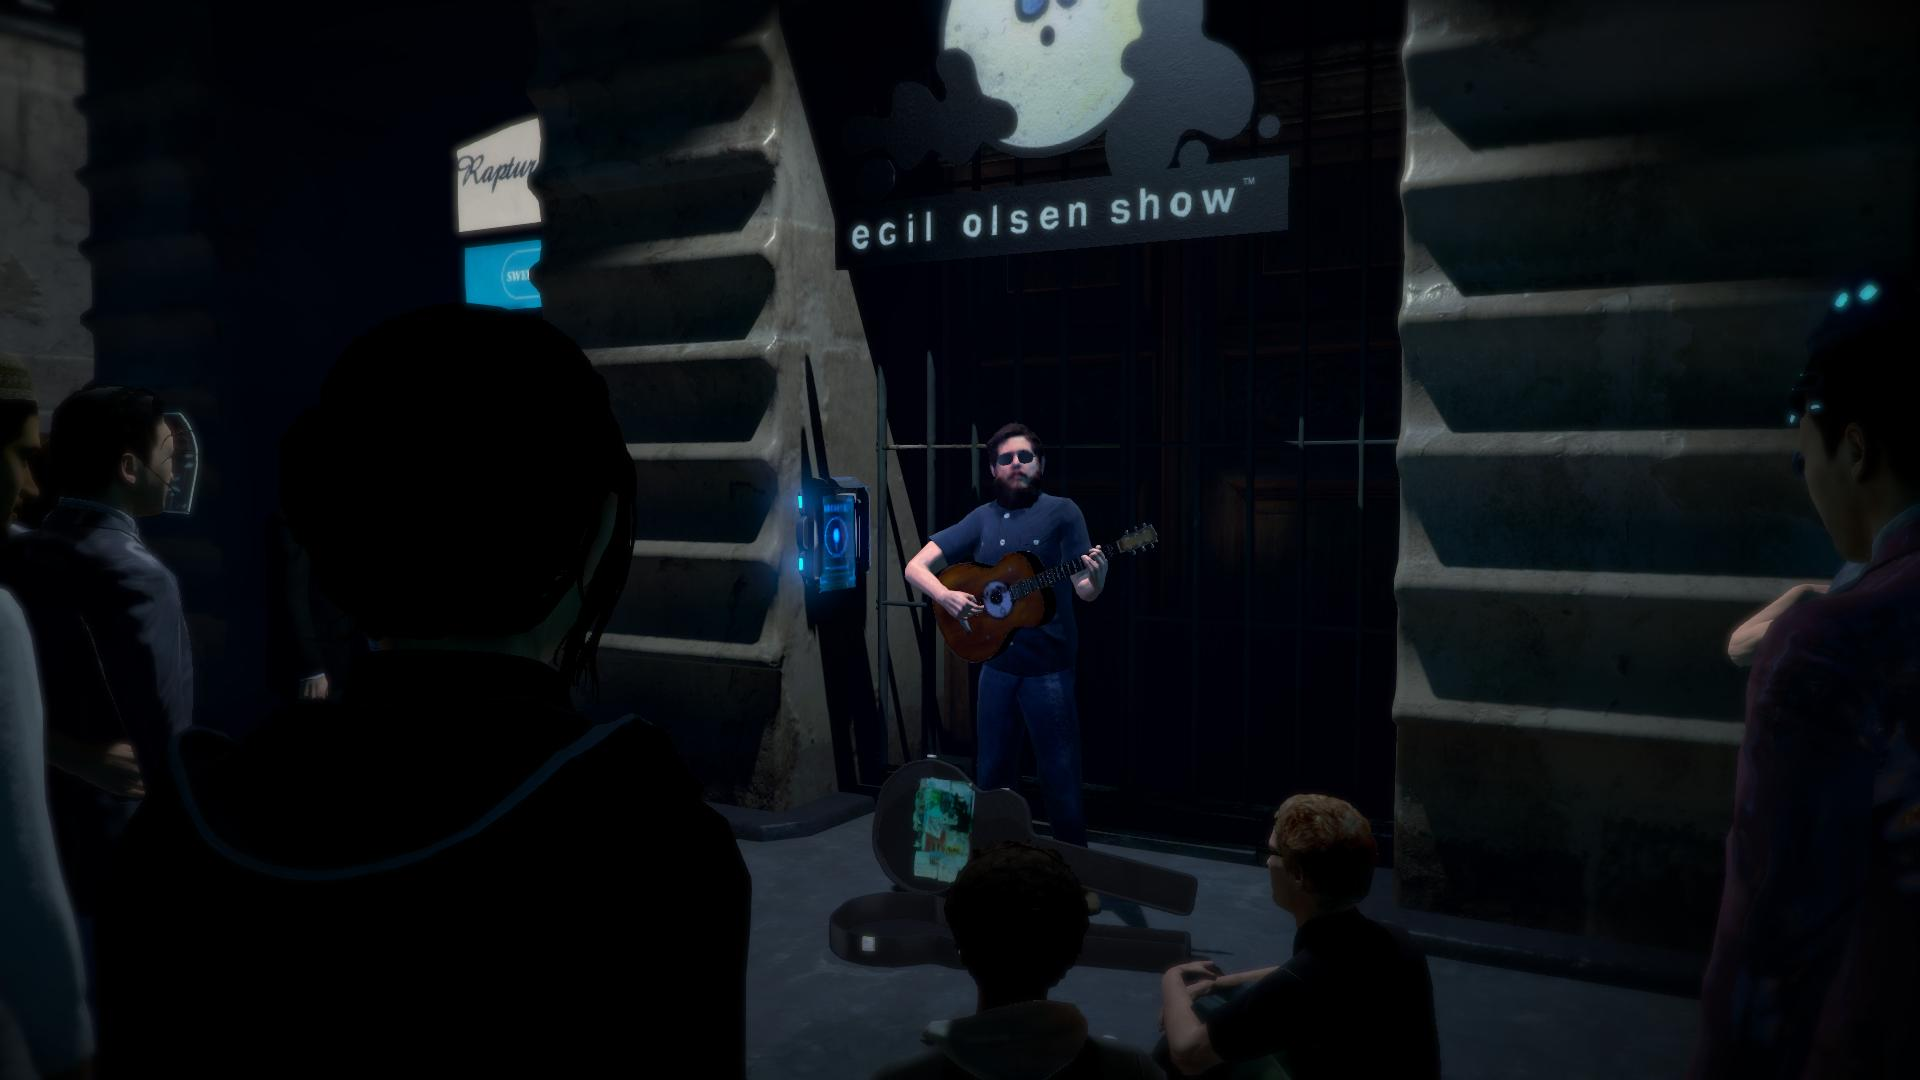 Egil Olsen an der Gitarre - da bleibt man gerne stehen und hört zu